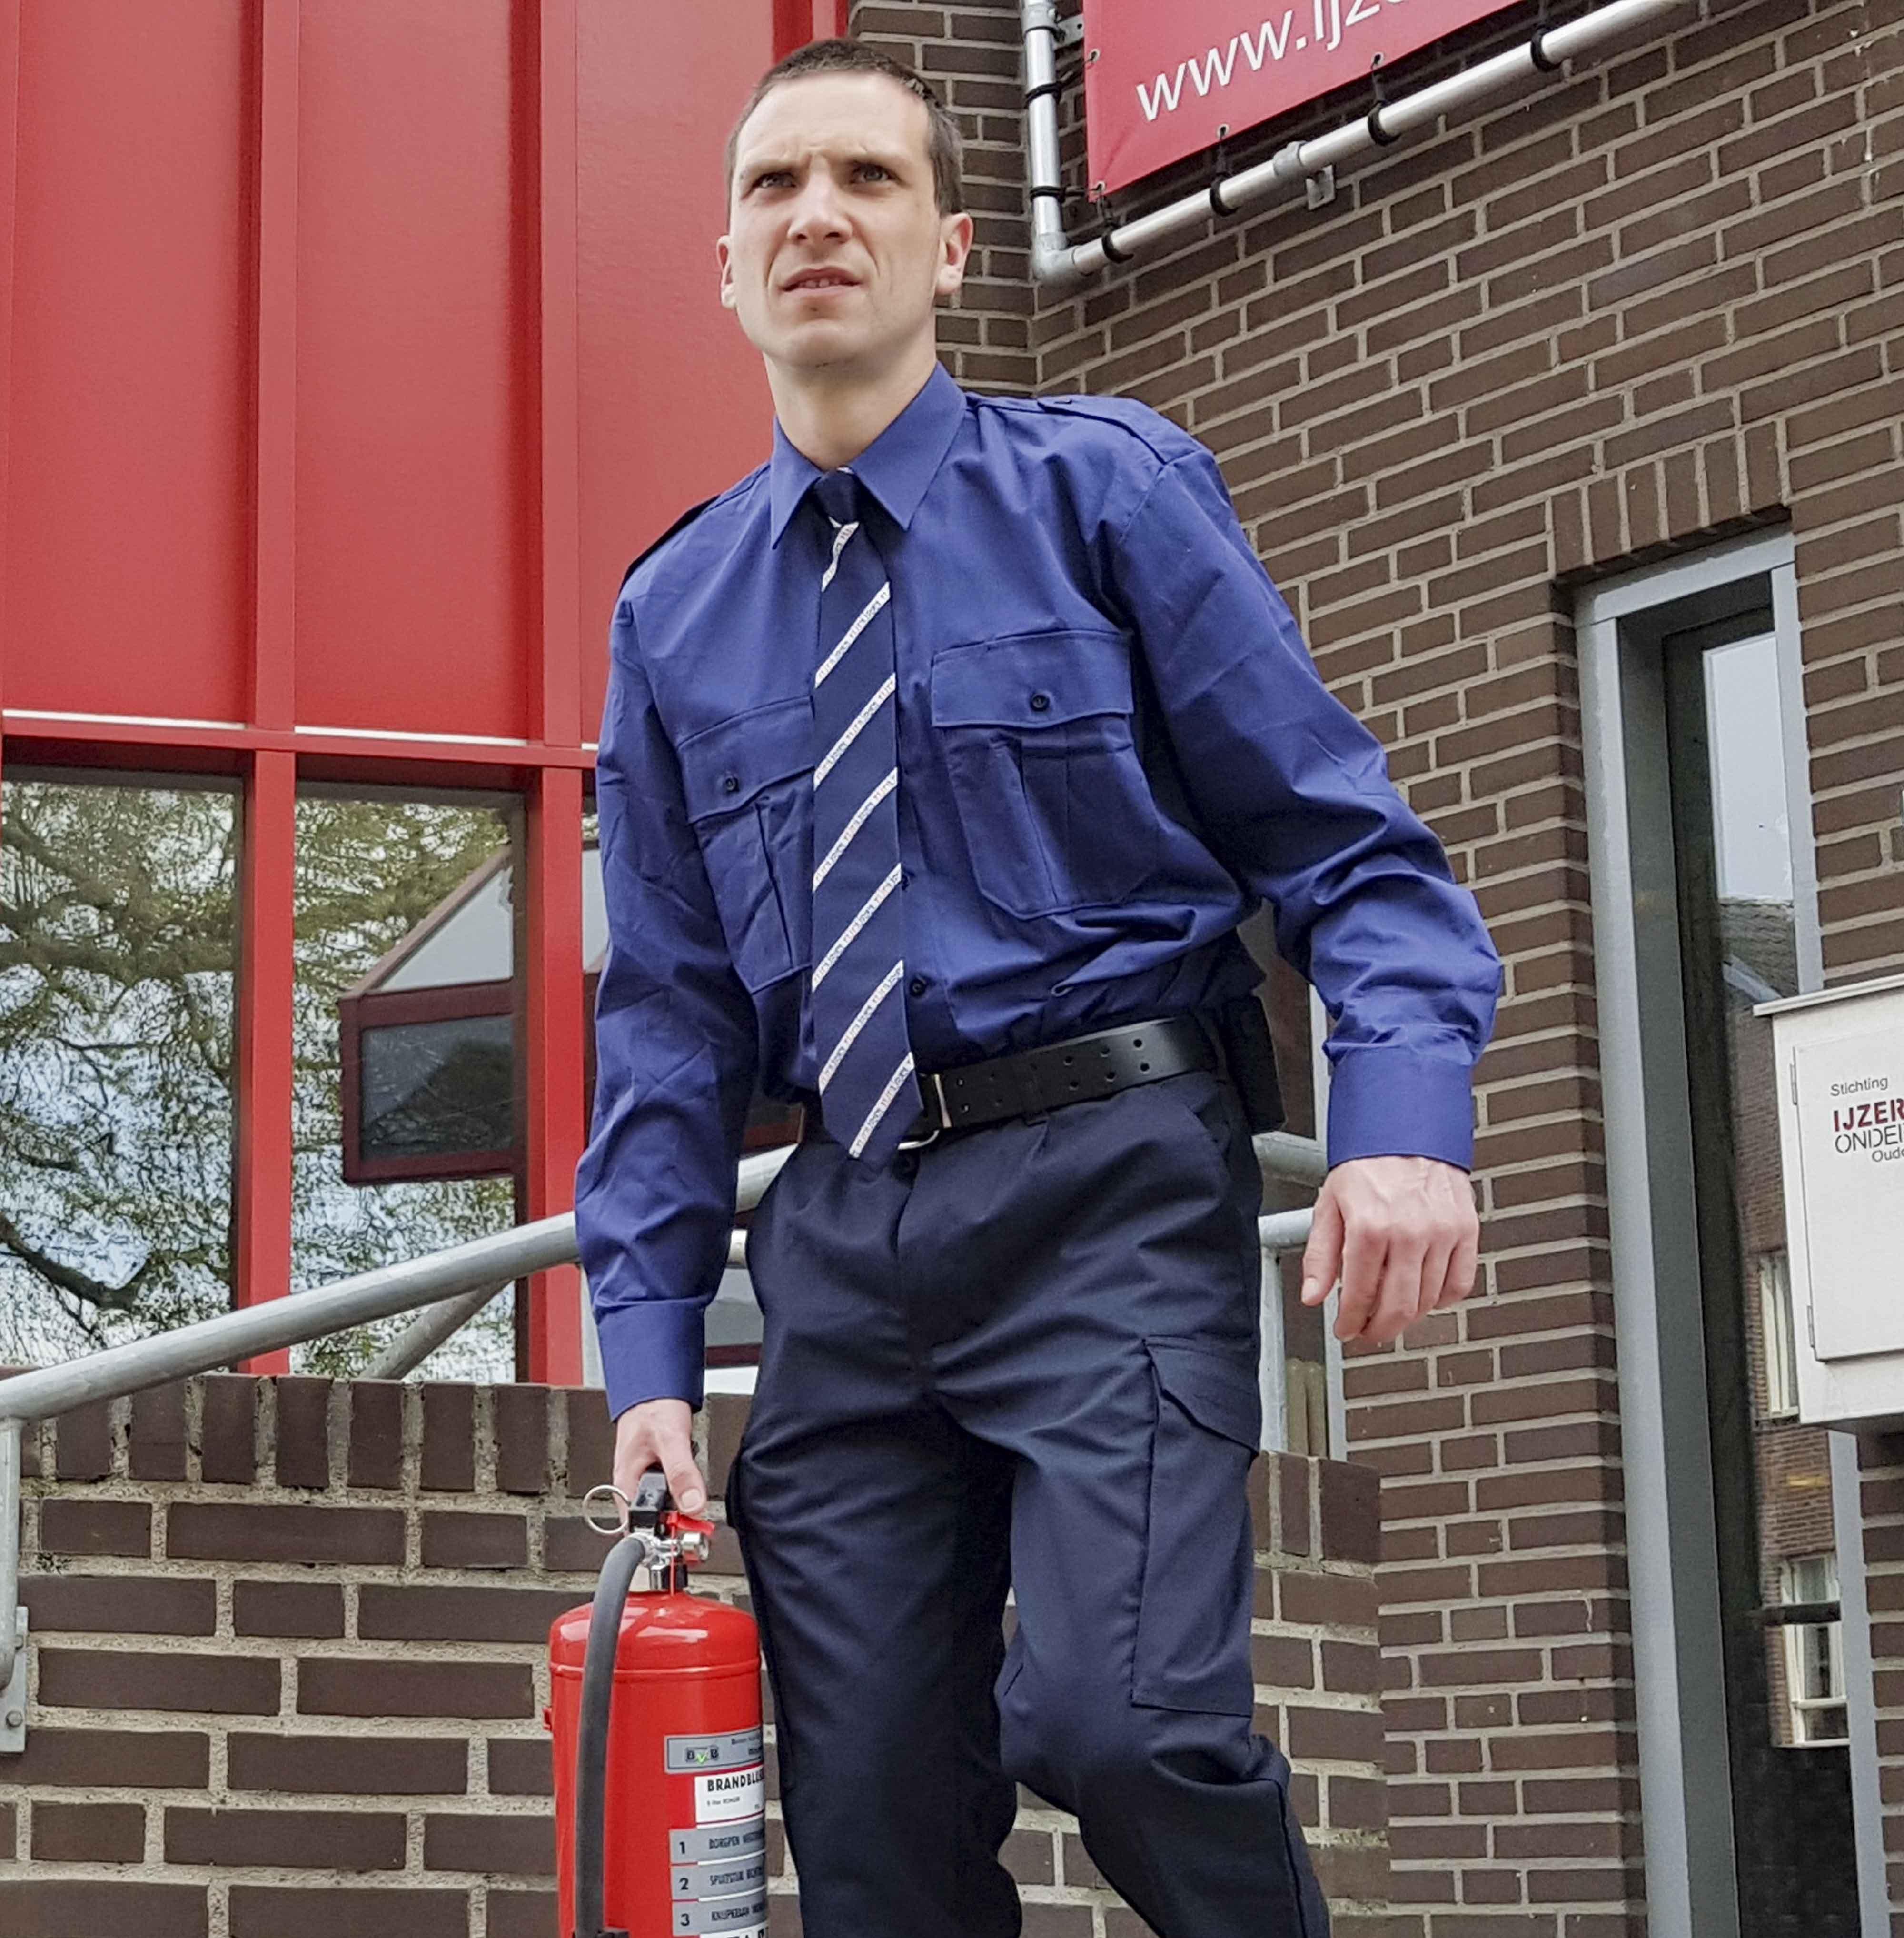 pilotshirts -  Voorpag - Banner 4  - 40%